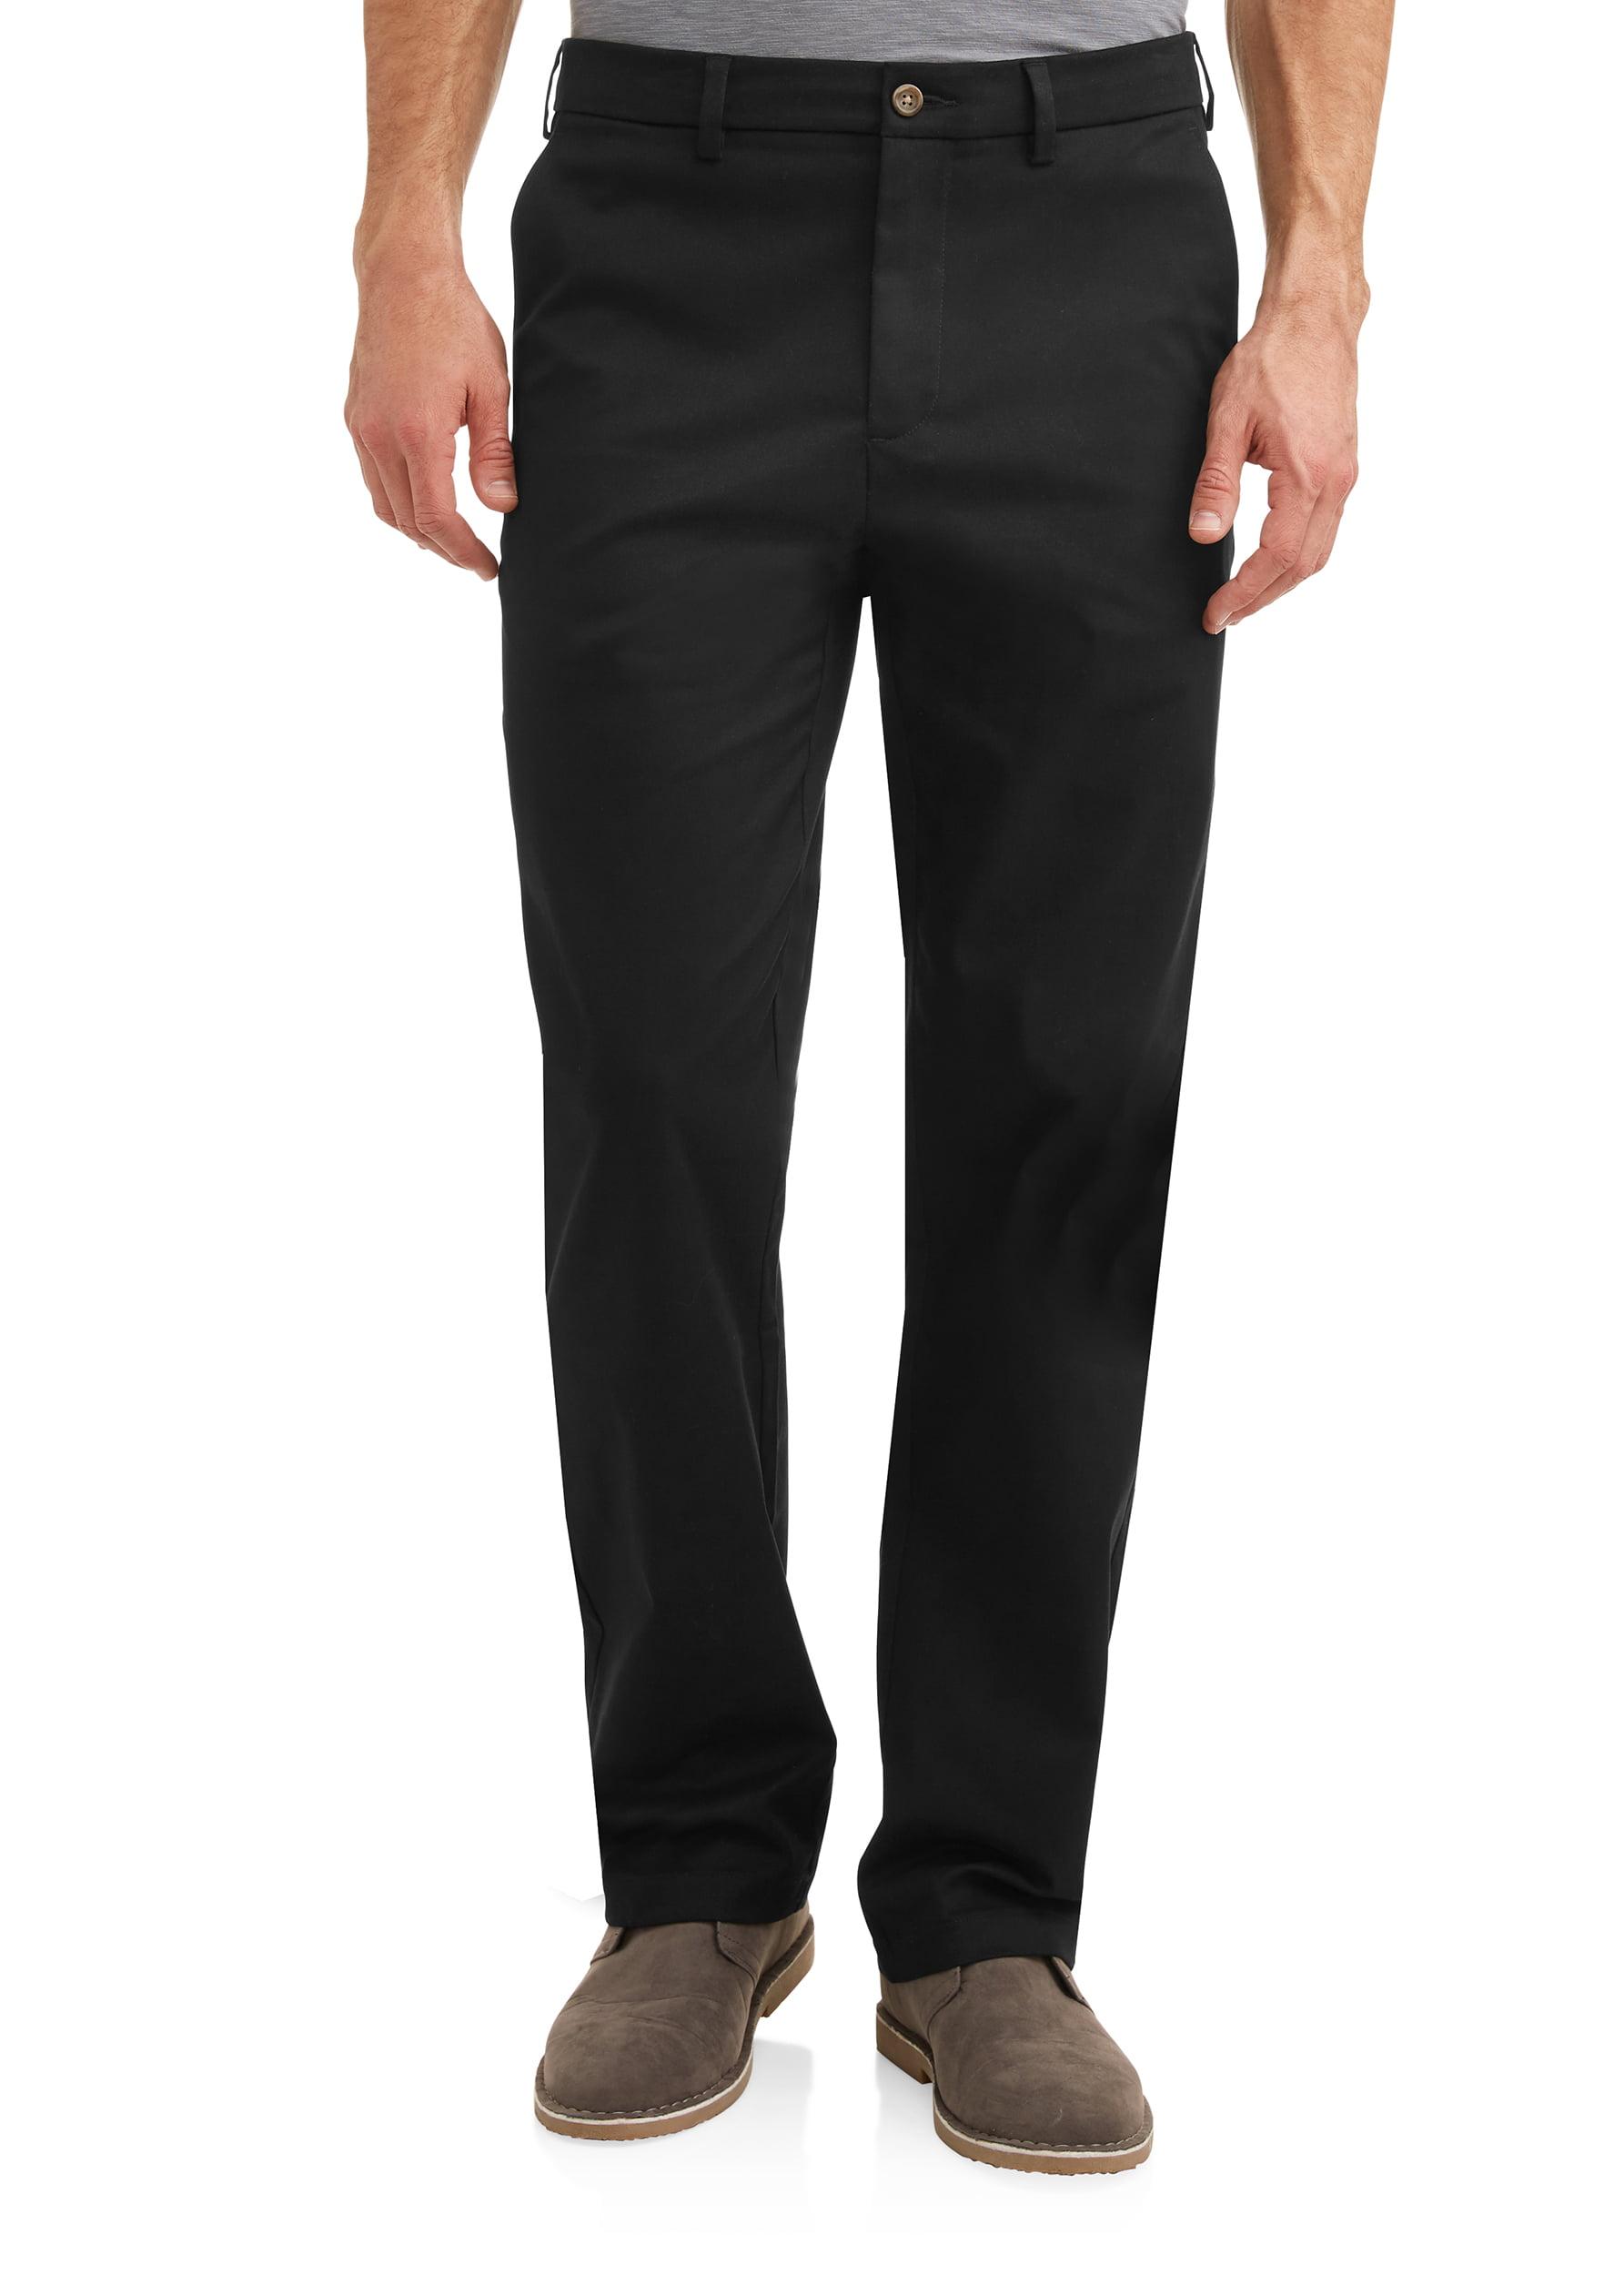 Men's Premium Khaki Regular Pants